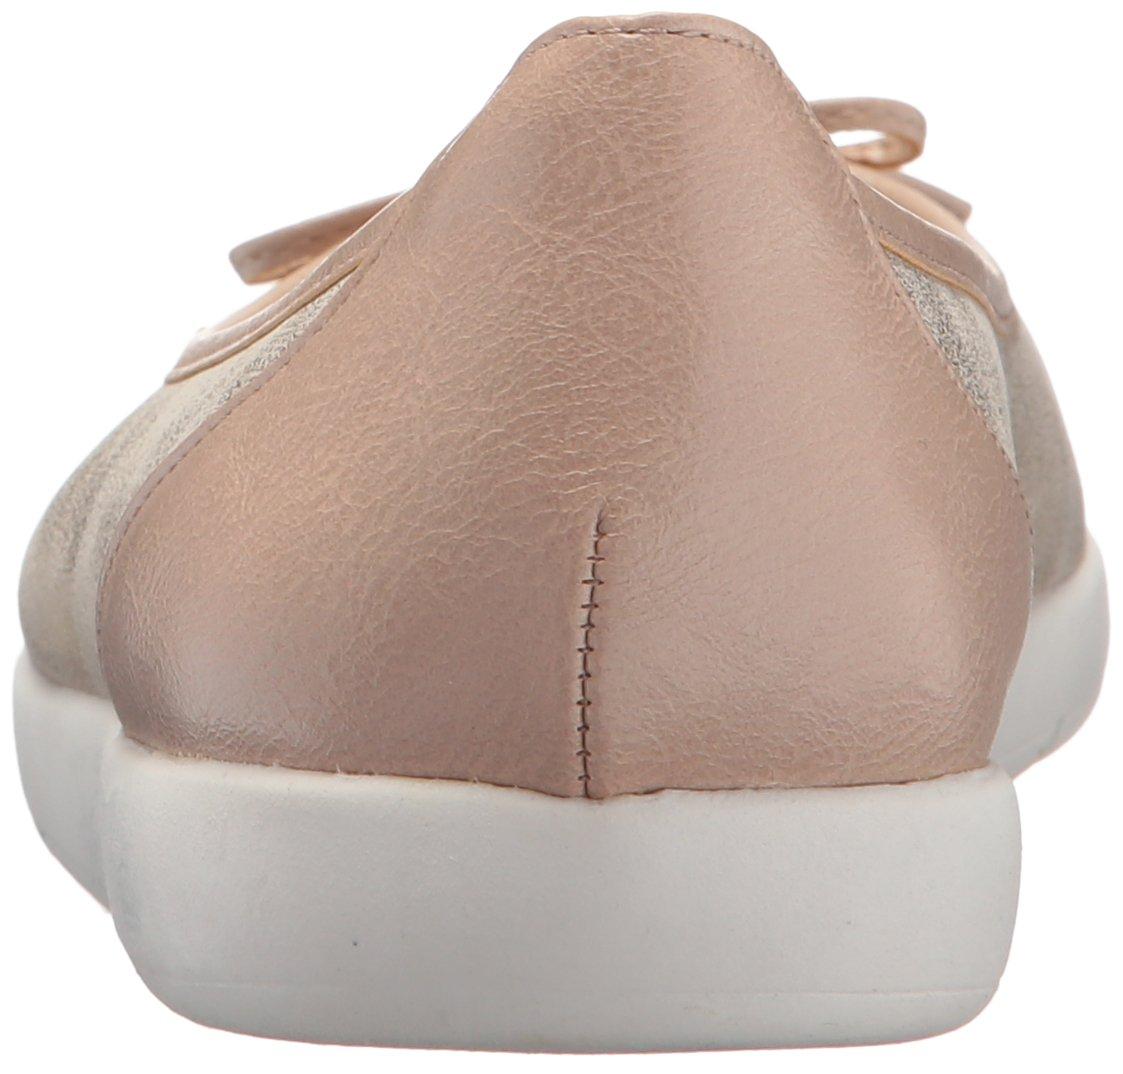 LifeStride Women's Haylee Ballet Flat B0775X1G5Y 9.5 B(M) US|Soft Gold